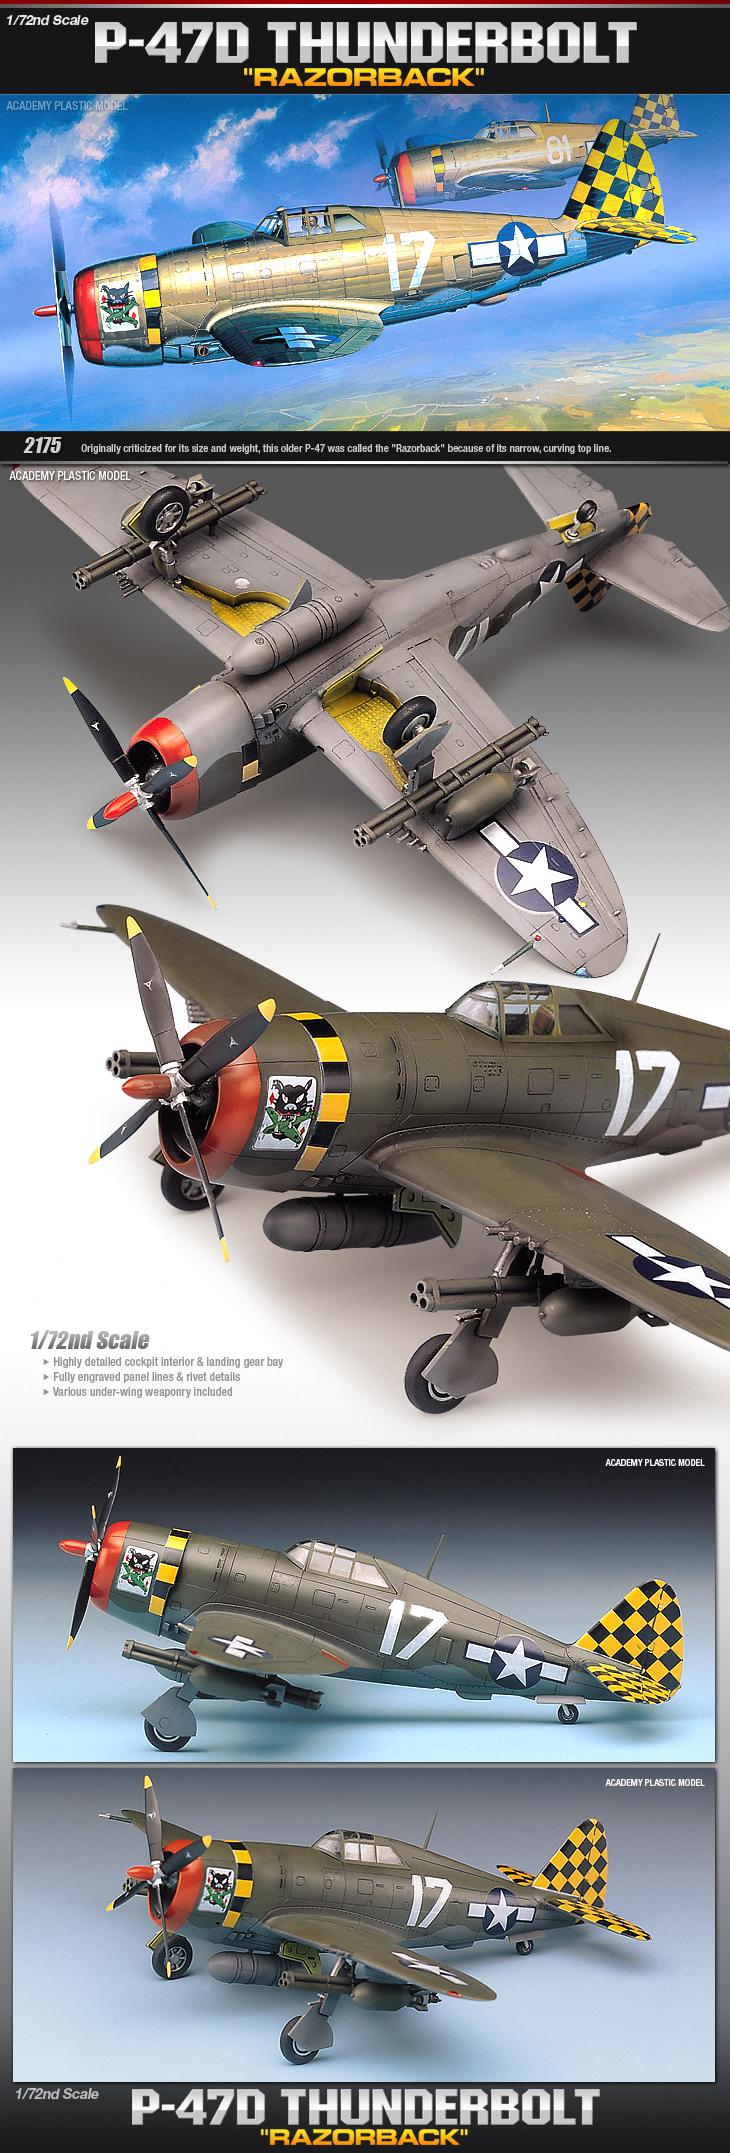 Academy Models 12492 P-47d Thunderbolt Razorback Plastic Model Kit for sale online